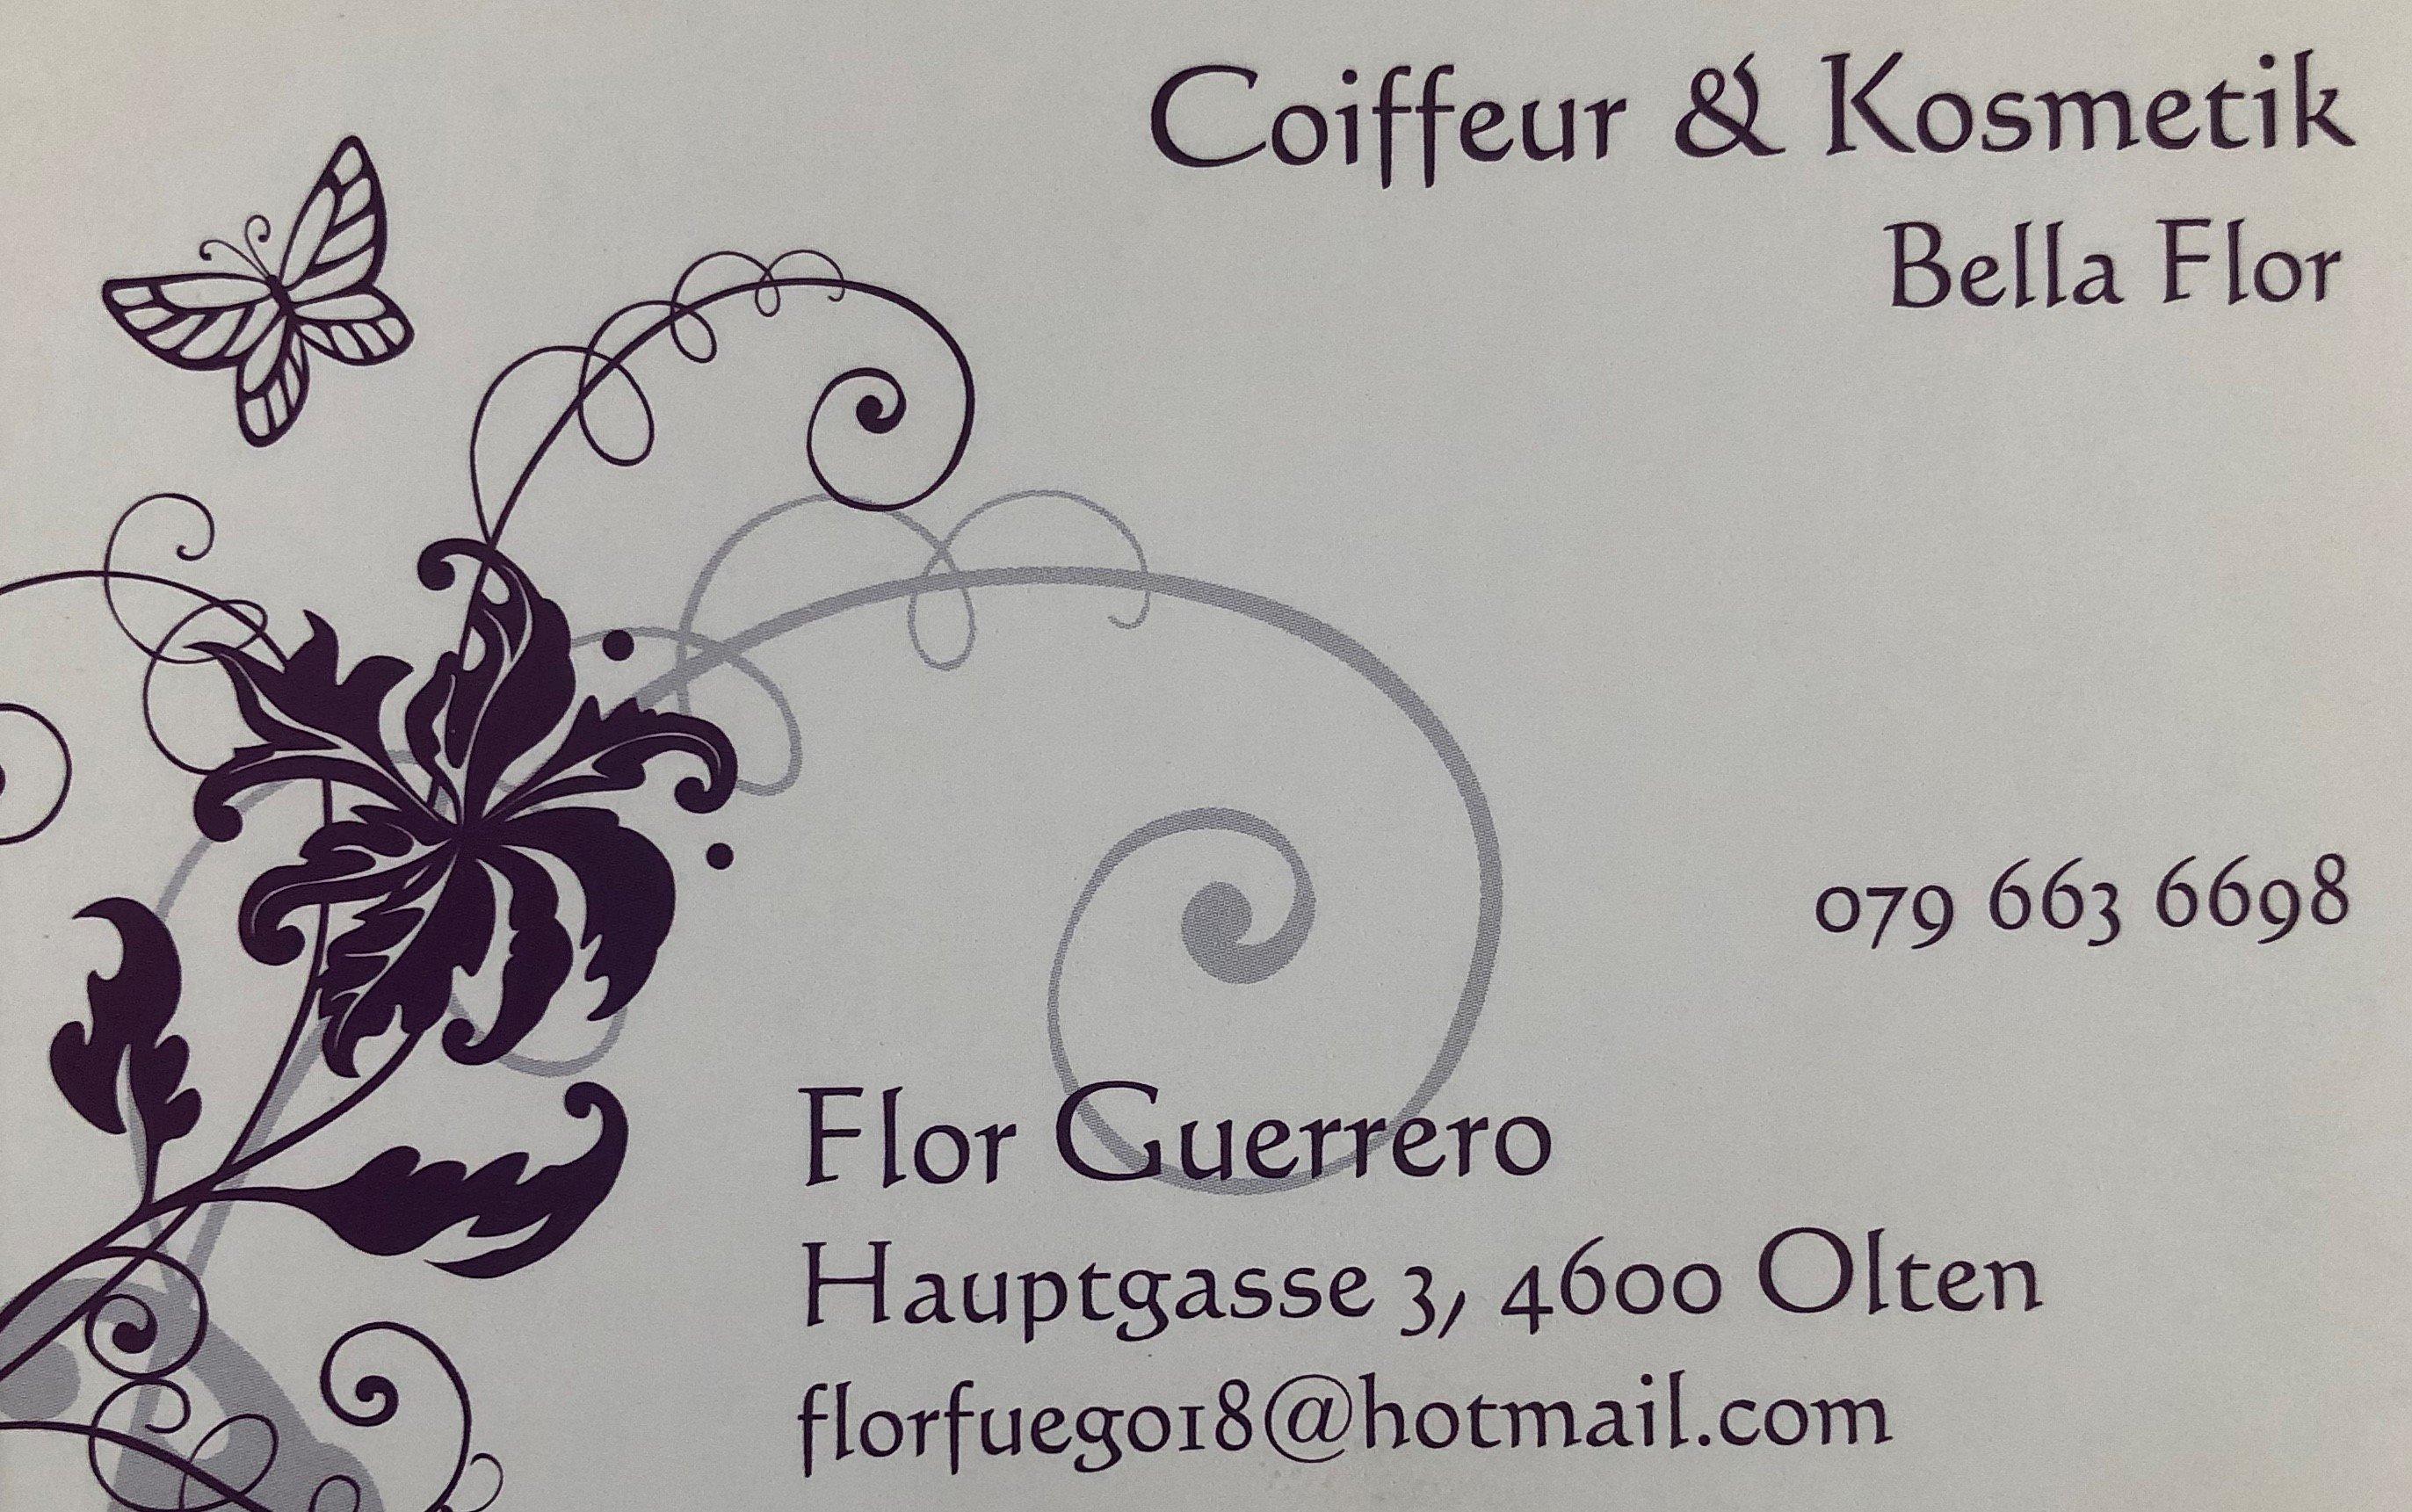 Coiffeur & Kosmetik Bella Flor